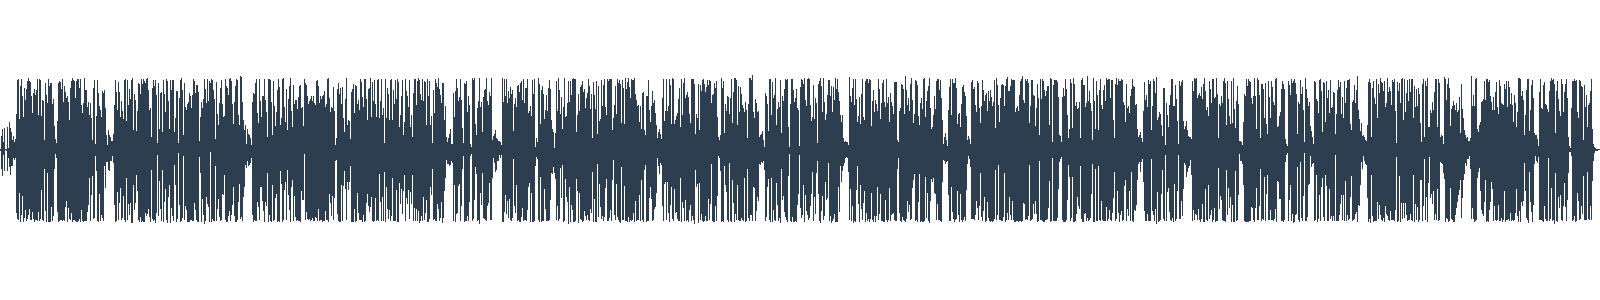 (9) WESTech Najmenší PowerBank s batériou 1800 mAh na svete waveform